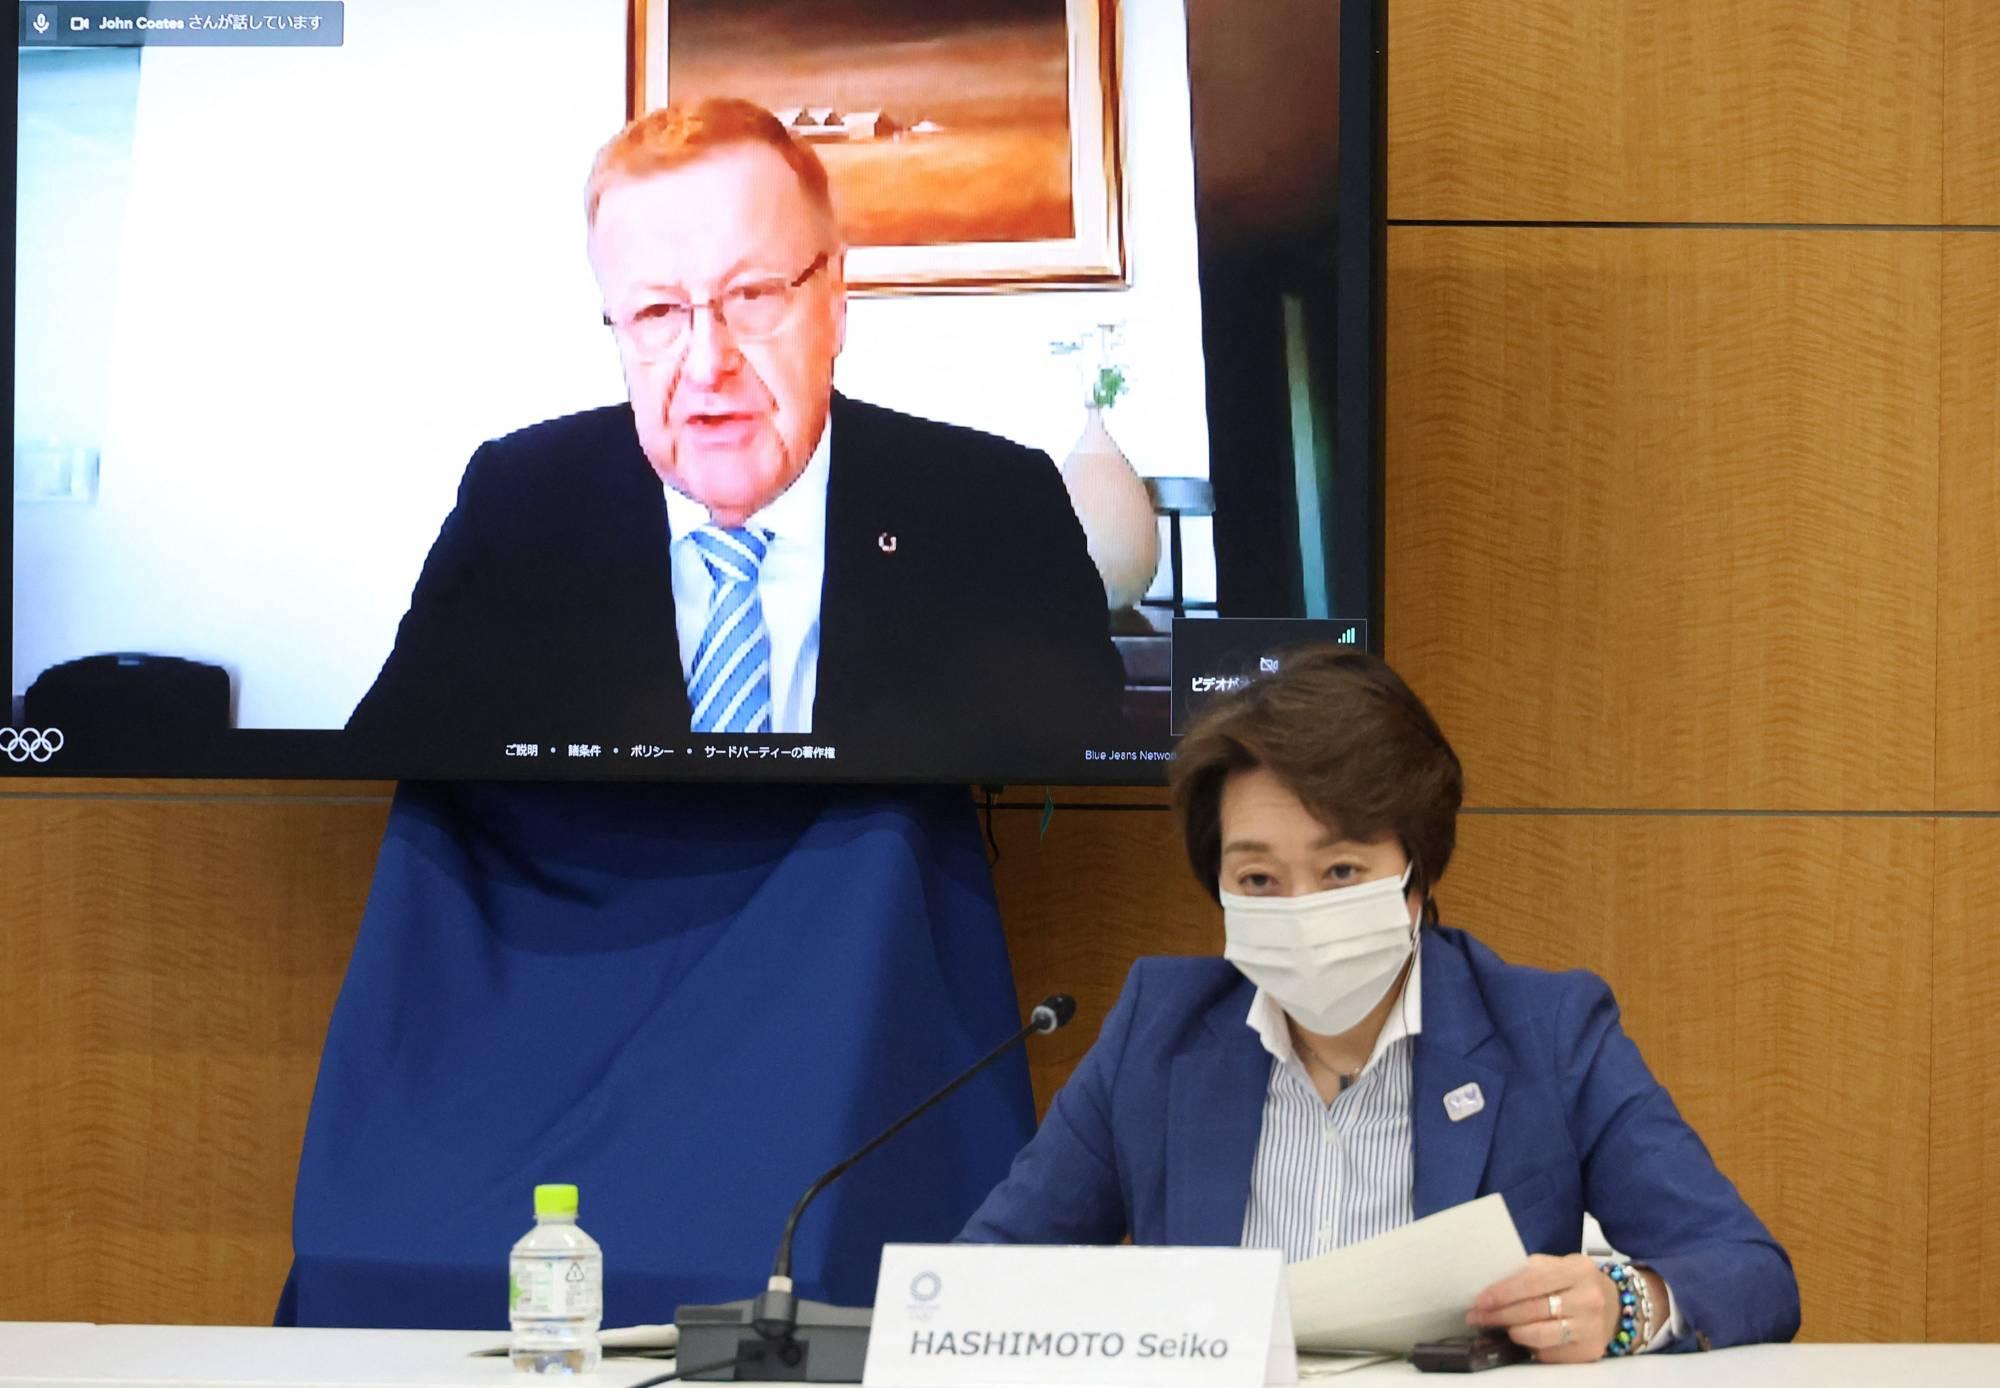 Sau cuộc họp trực tuyến cùng chủ tịch Tokyo 2020, Seiko Hashimoto, phó chủ tịch IOC, John Coates quyết định Thế vận hội vẫn sẽ diễn ra vào mùa hè này.